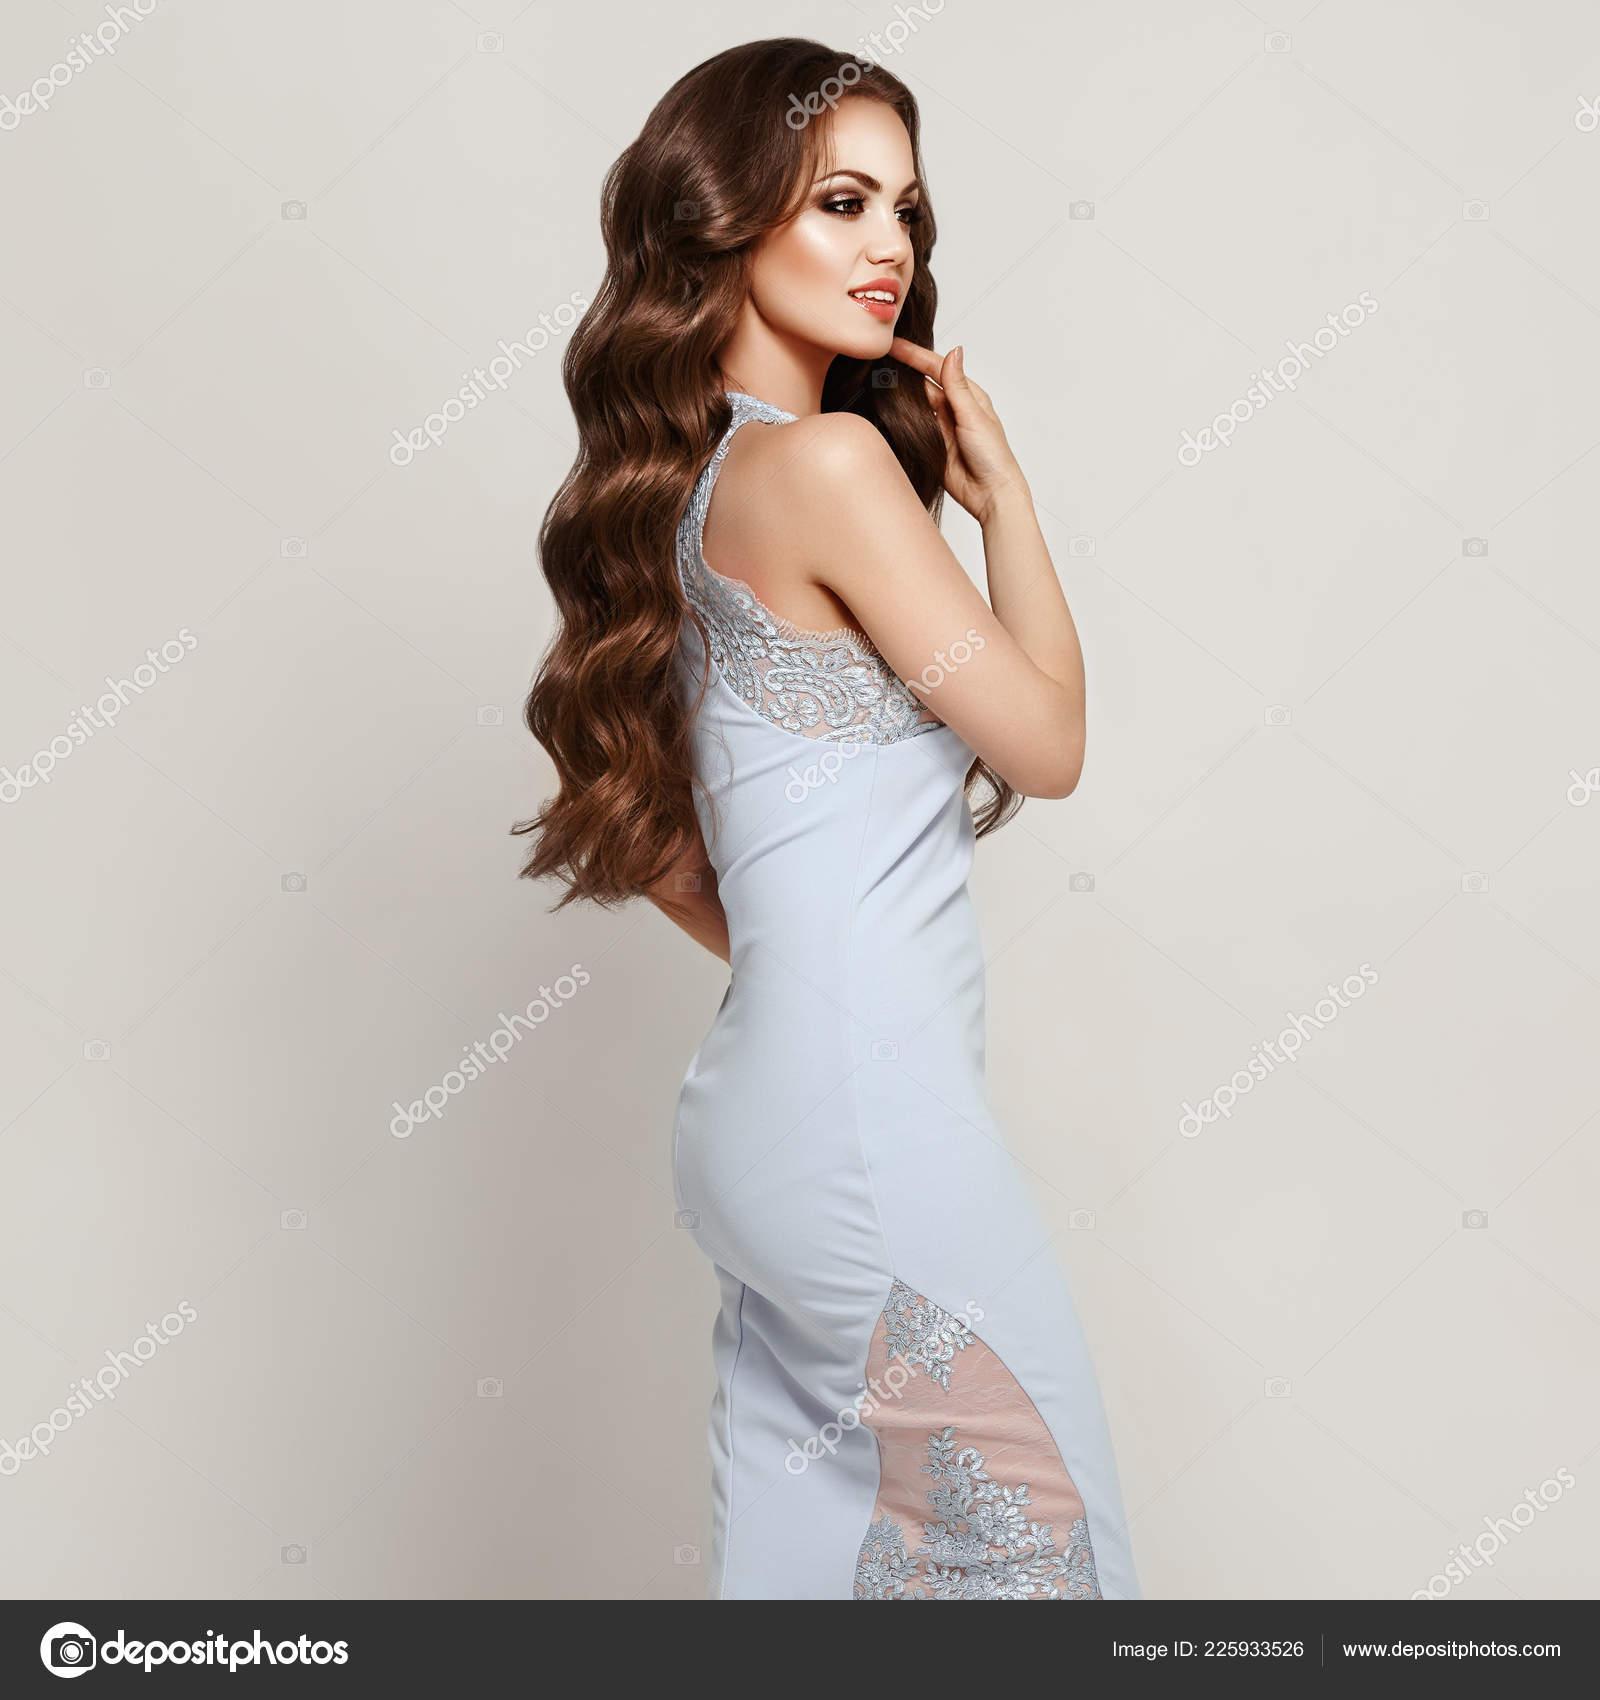 a9e19a571a1c0 Belle femme en robe de soirée élégante blanc. Jeune fille brune aux cheveux  bouclés longs saine et brillante. Soins et beauté. Beau modèle femme avec  une ...